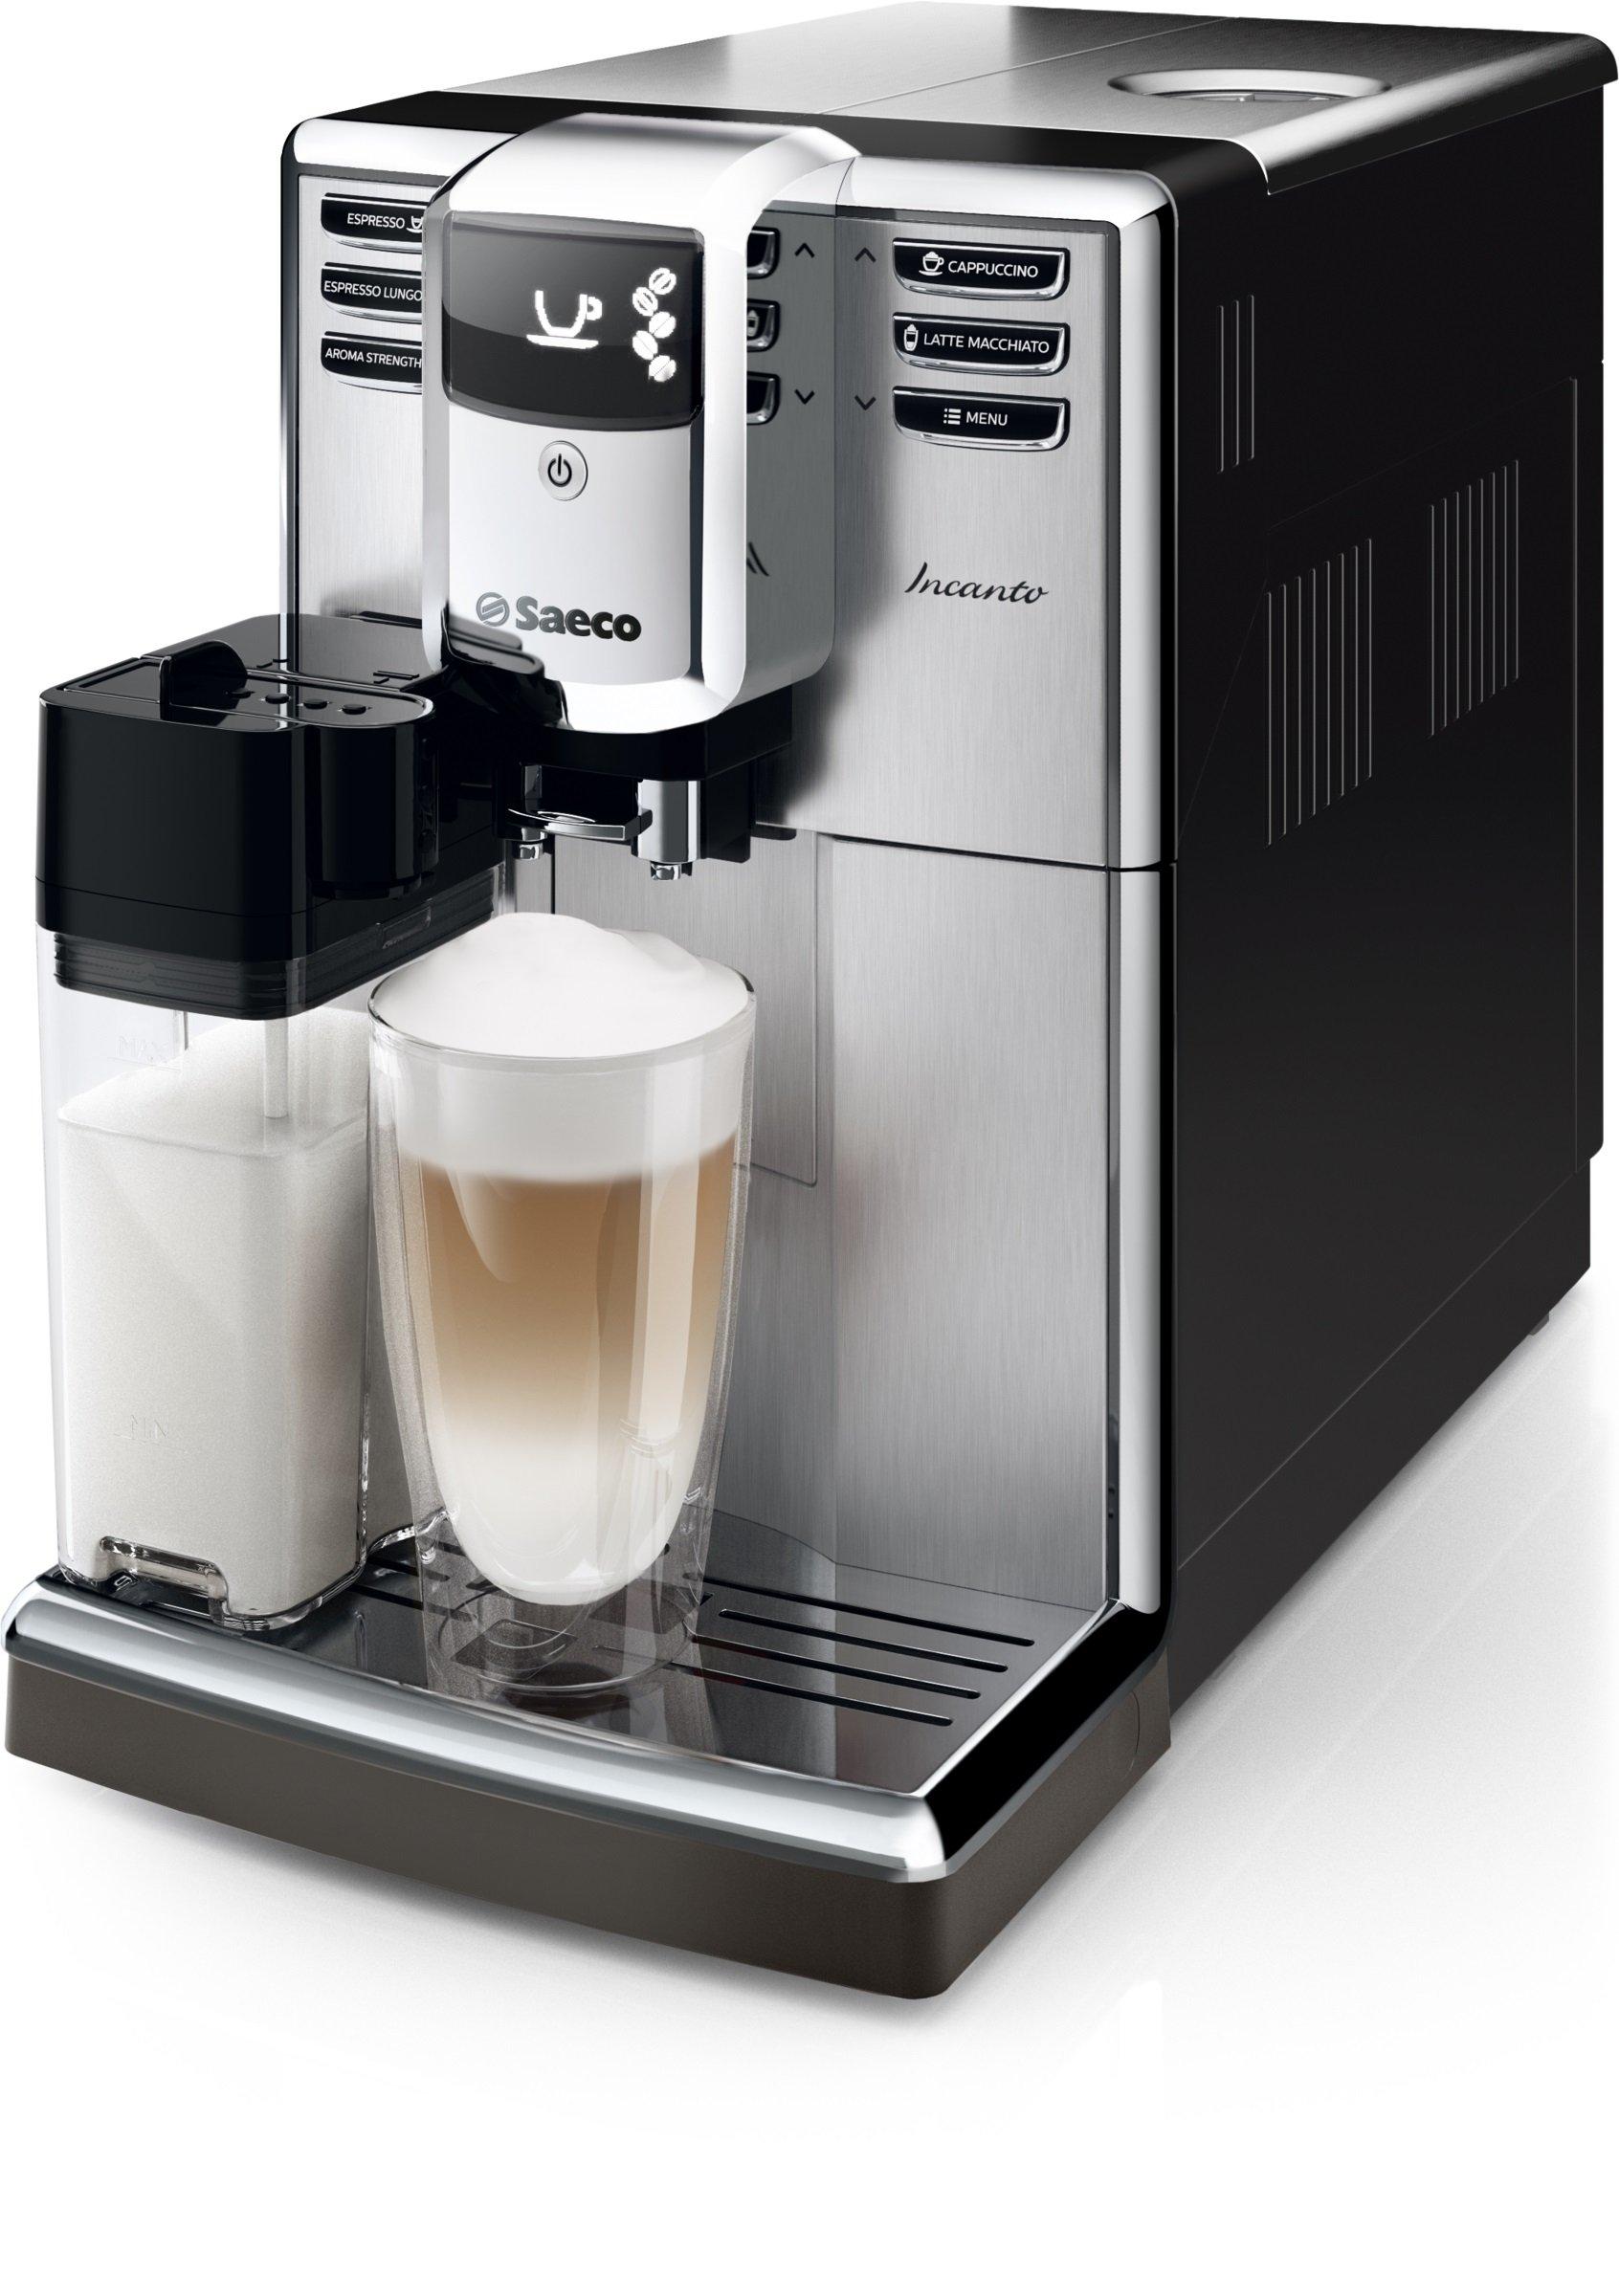 Philips Saeco Saeco Incanto HD8917/01 Cafetera espresso automática con jarra de leche, 1850 W, 1.8 litros, De plástico, Acero inoxidable, Negro y metalizado: Amazon.es: Hogar